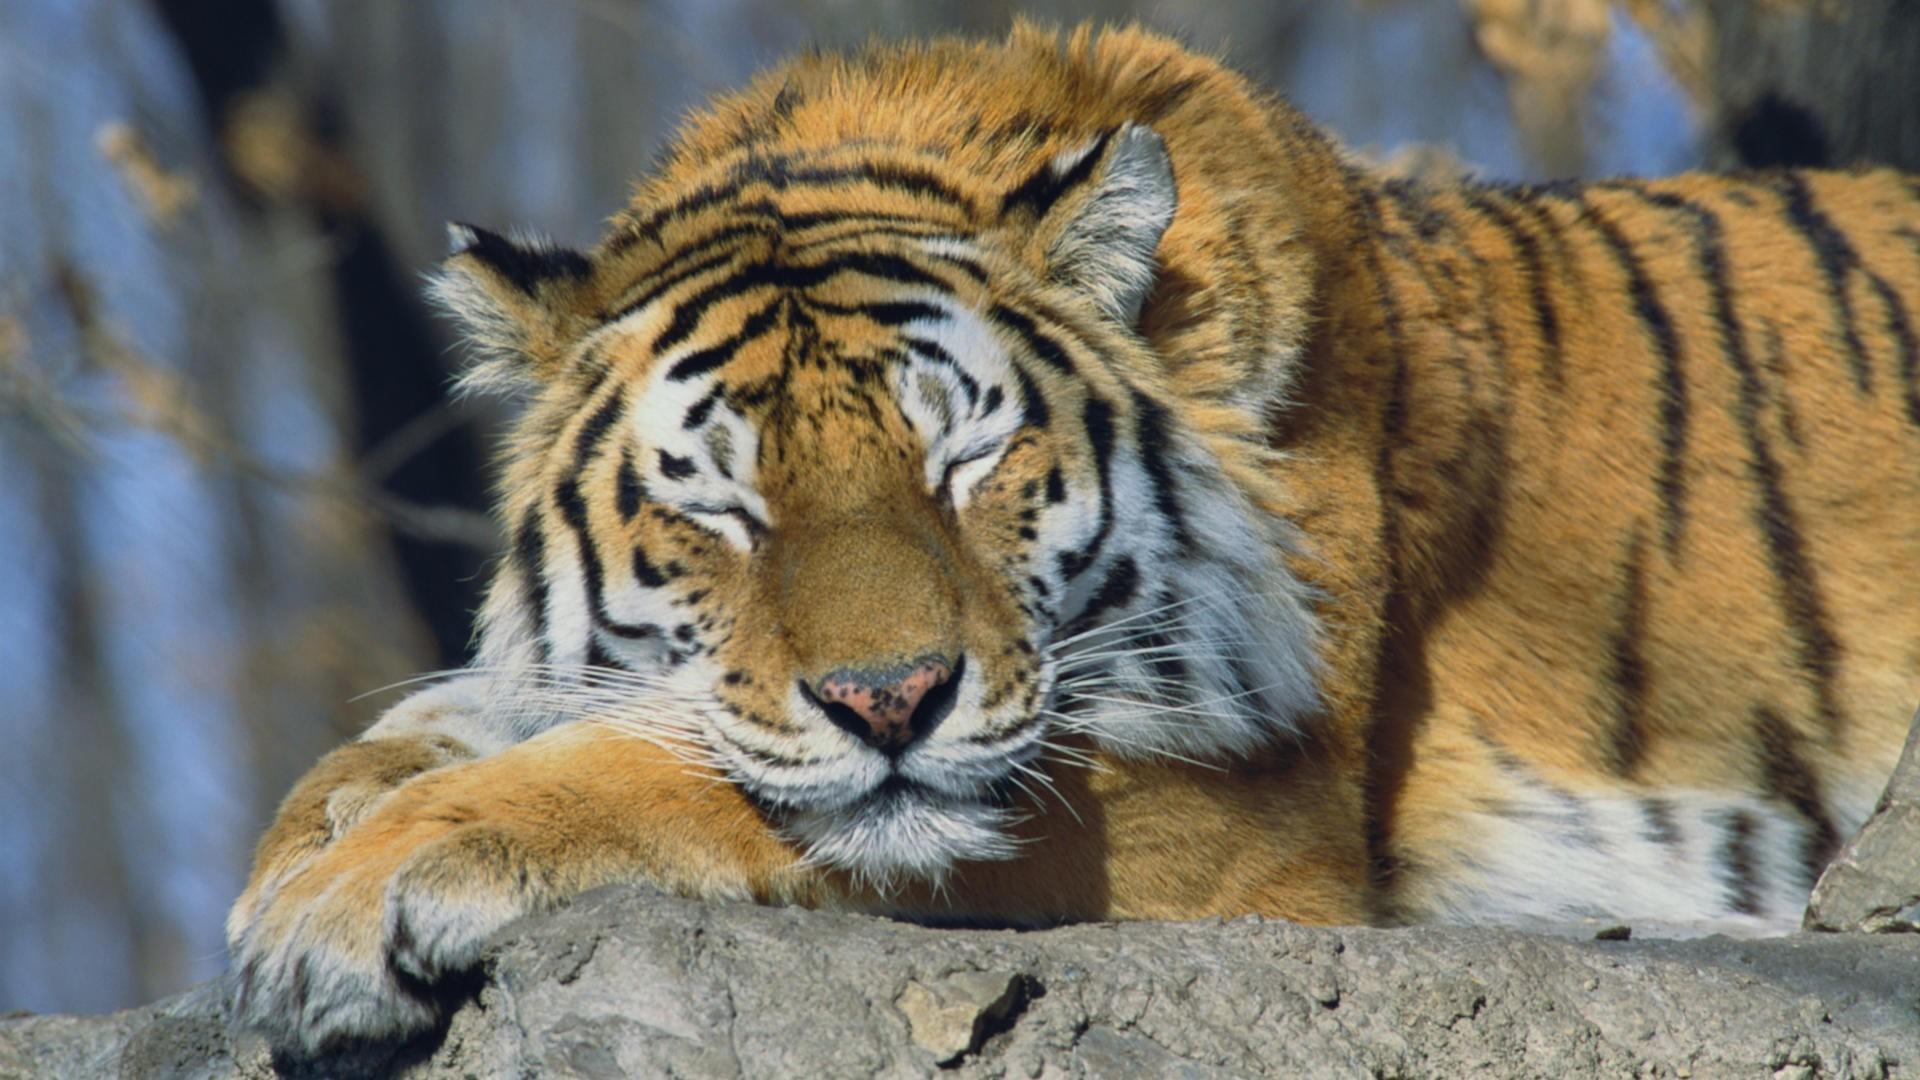 1920x1080 Tiger Wallpaper Full Hd 65 Images